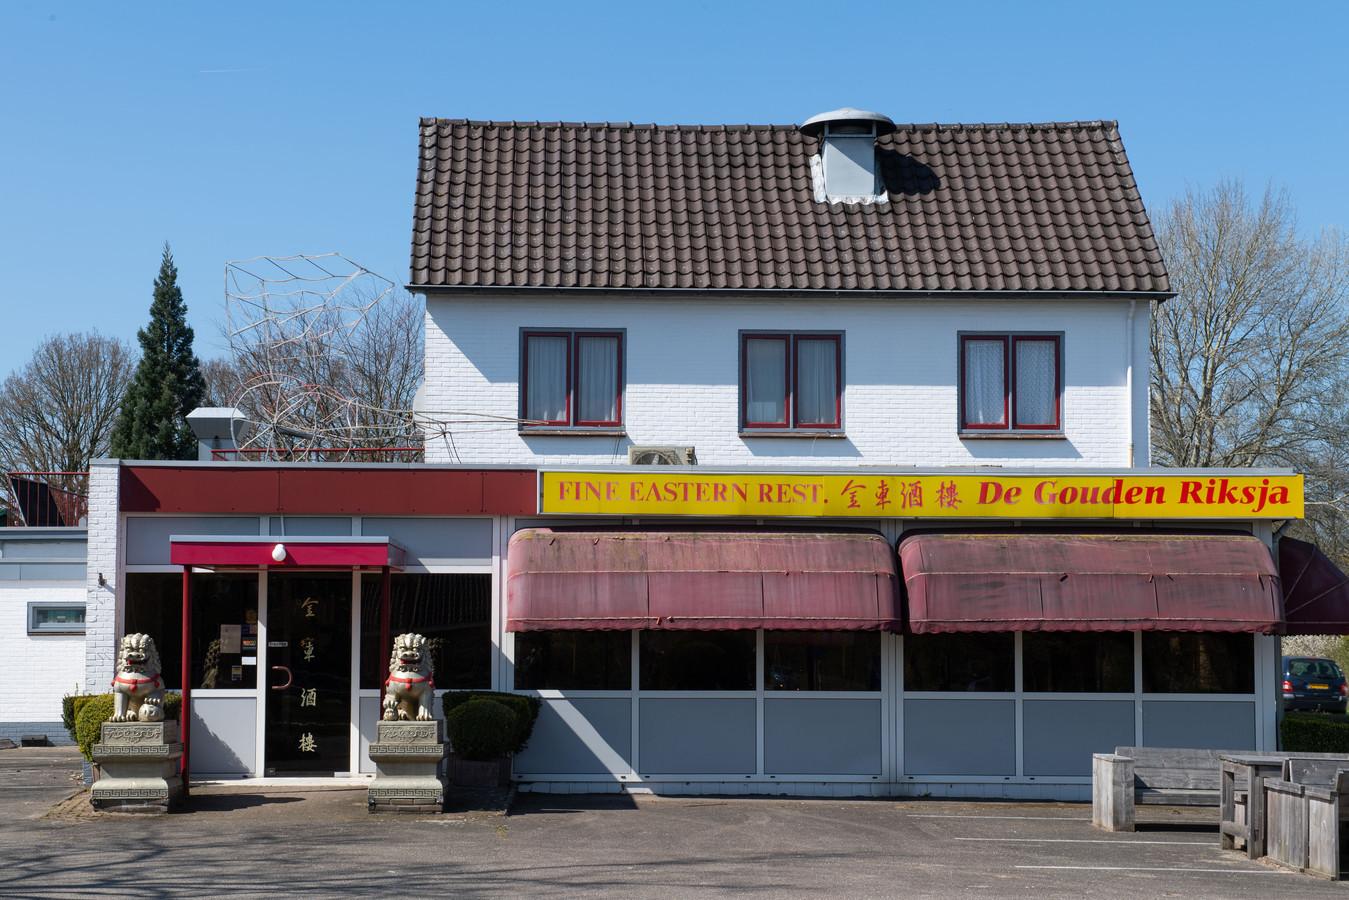 Chinees restaurant De Gouden Riksja in Nijverdal is verkocht aan drie ondernemers uit Utrecht en Heerhugowaard.